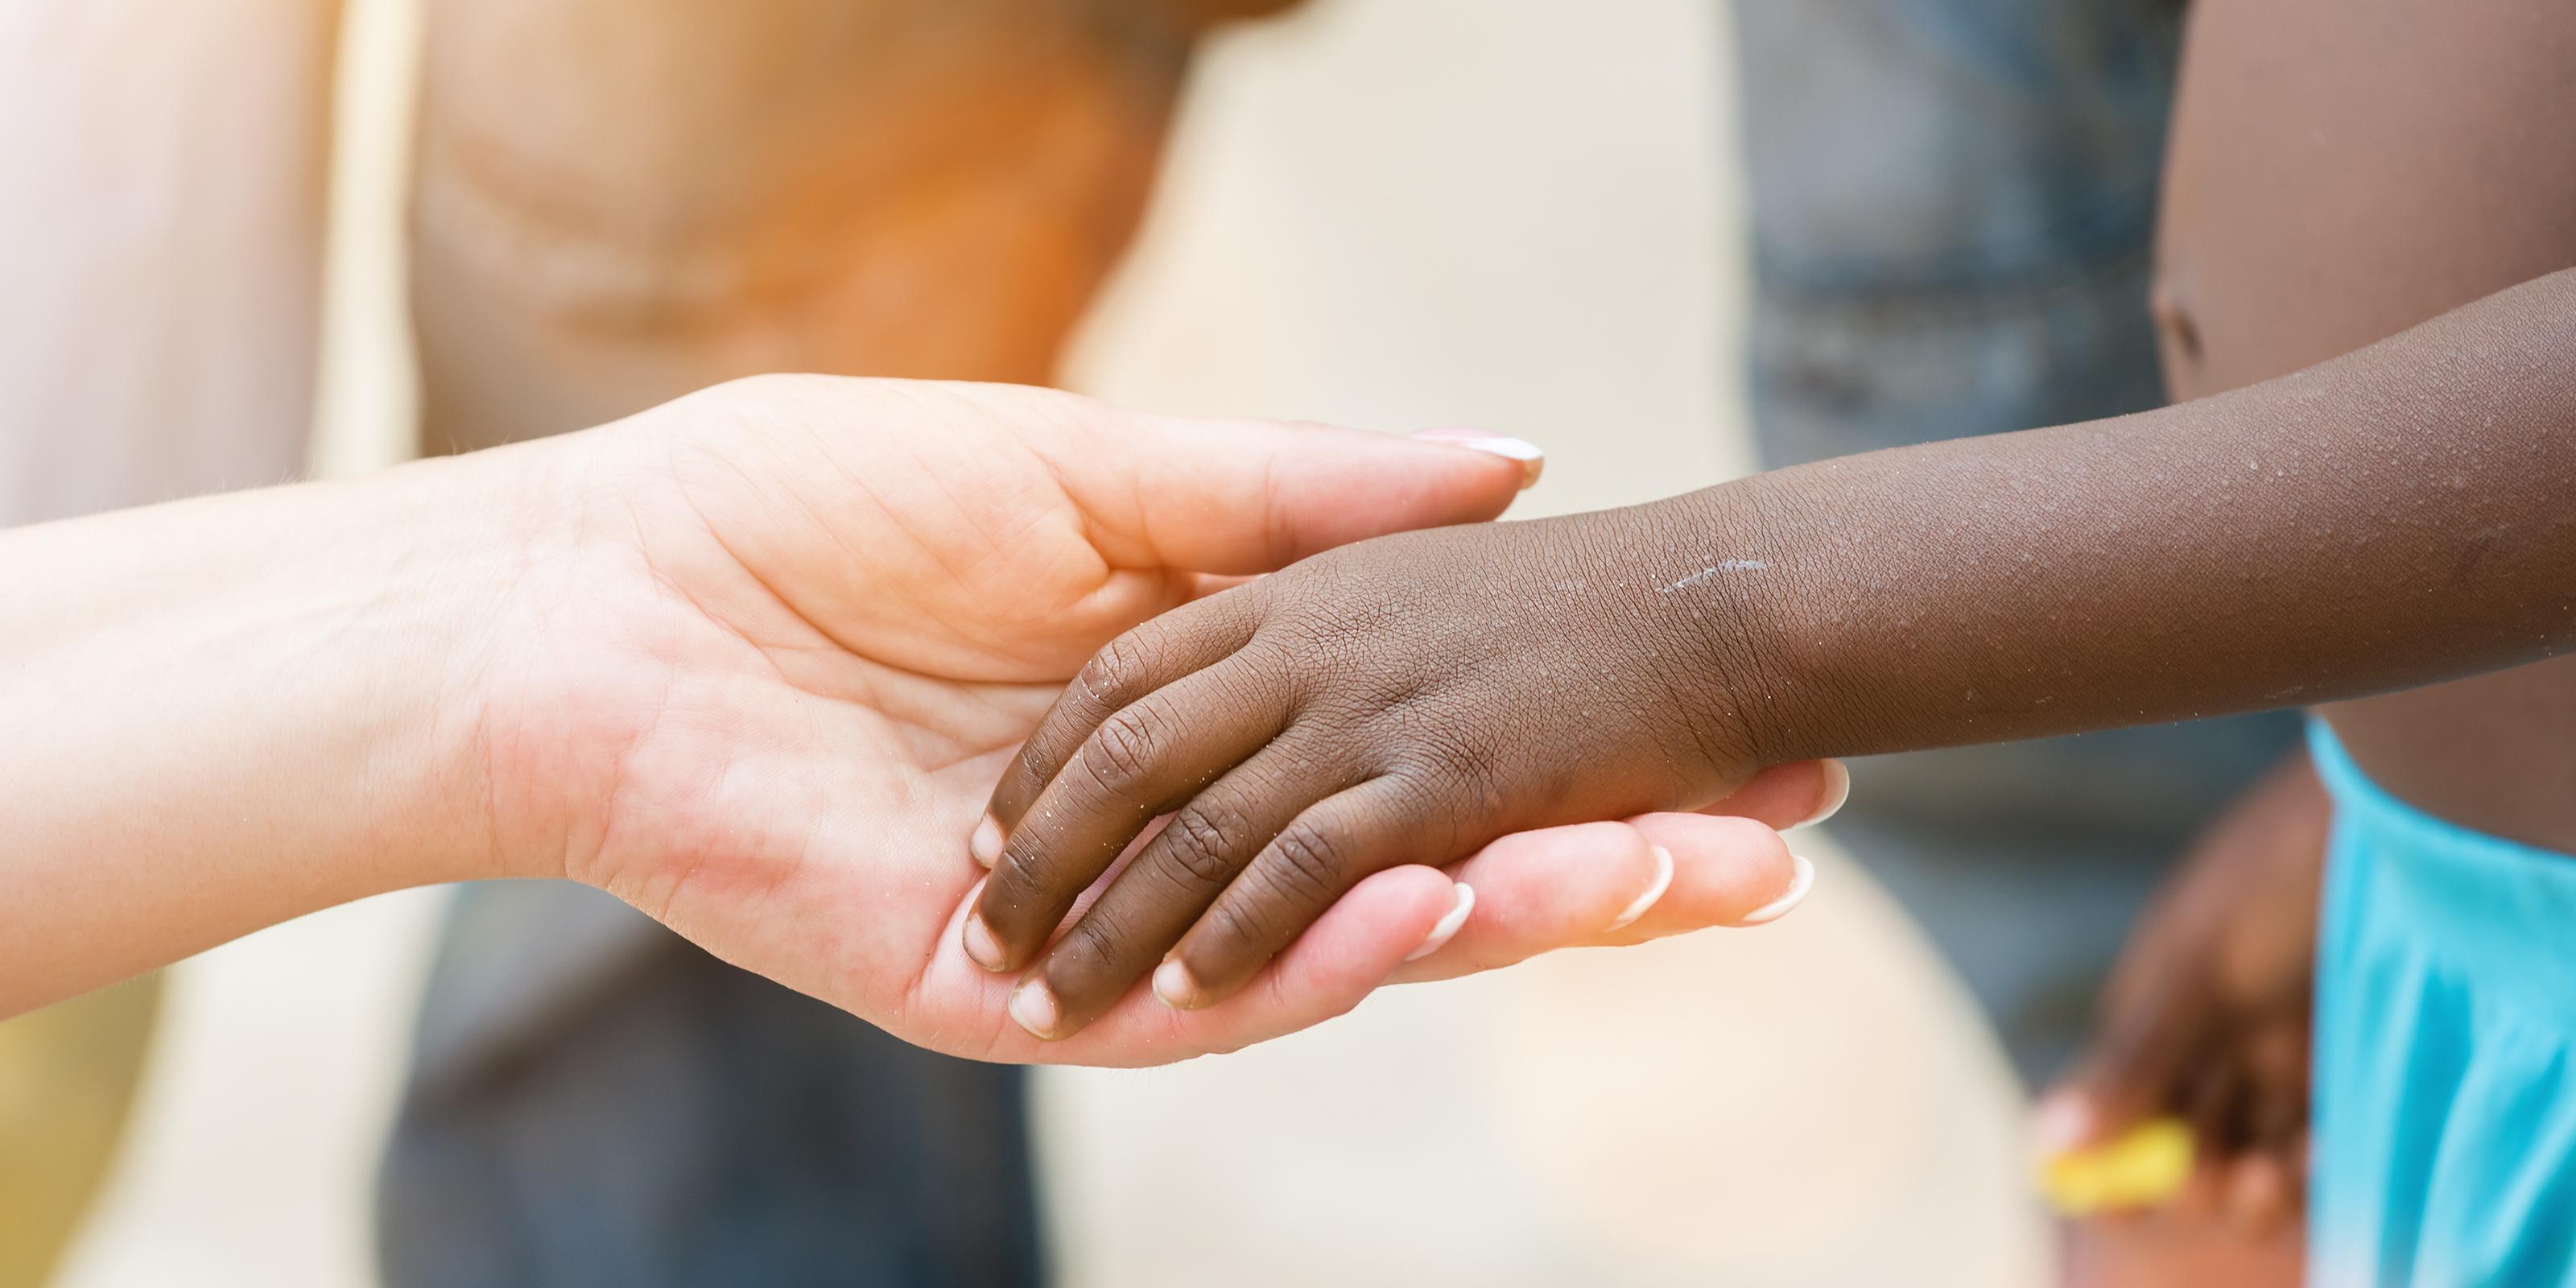 Kobieta trzyma za rękę ciemnoskóre dziecko